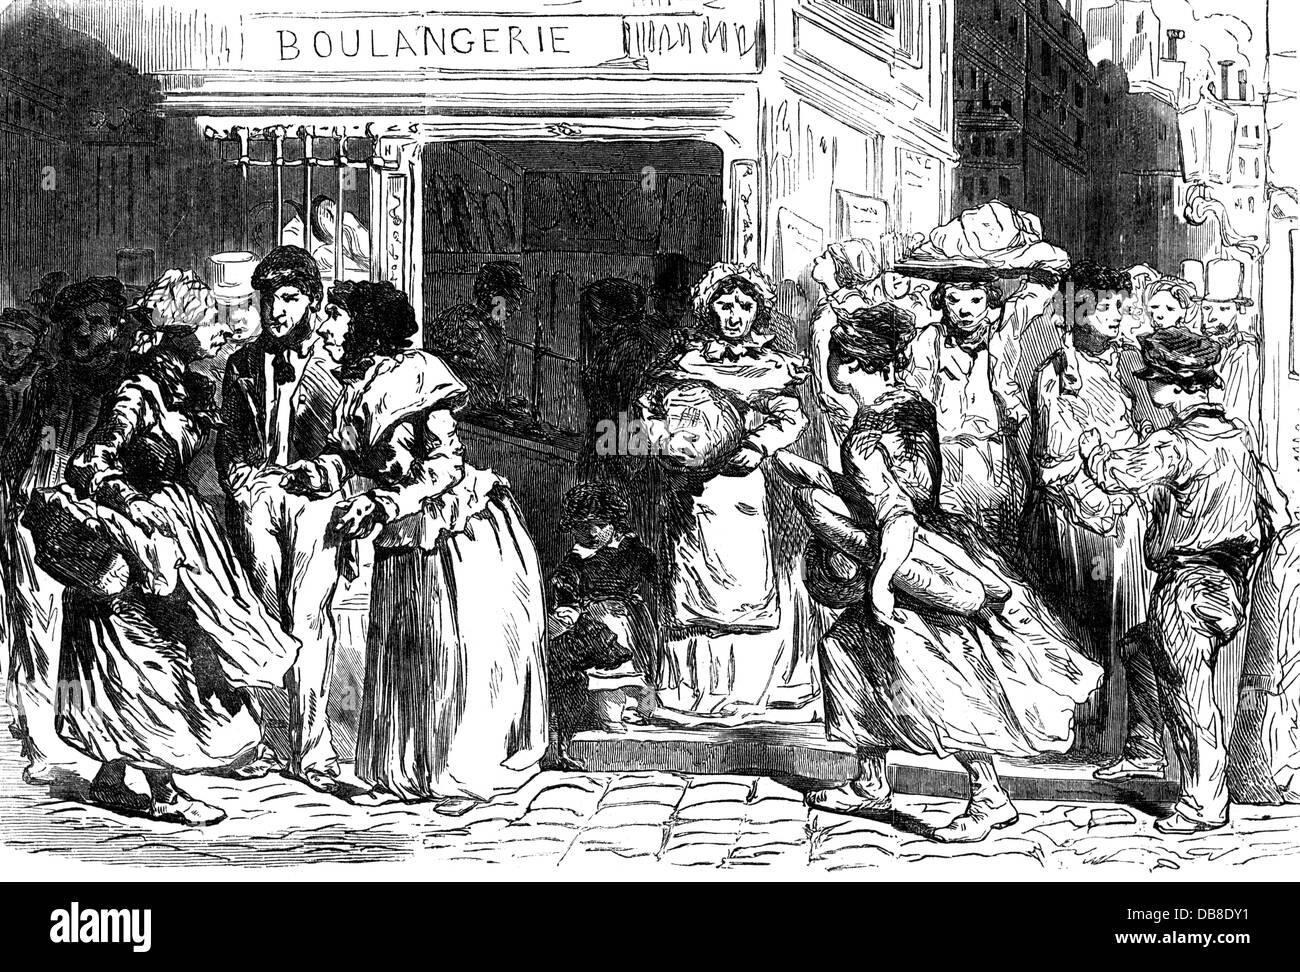 Comida, pan, los parisinos discutiendo el precio del pan, 'The Illustrated London News', 1853, Derechos adicionales-Clearences-no disponible Foto de stock